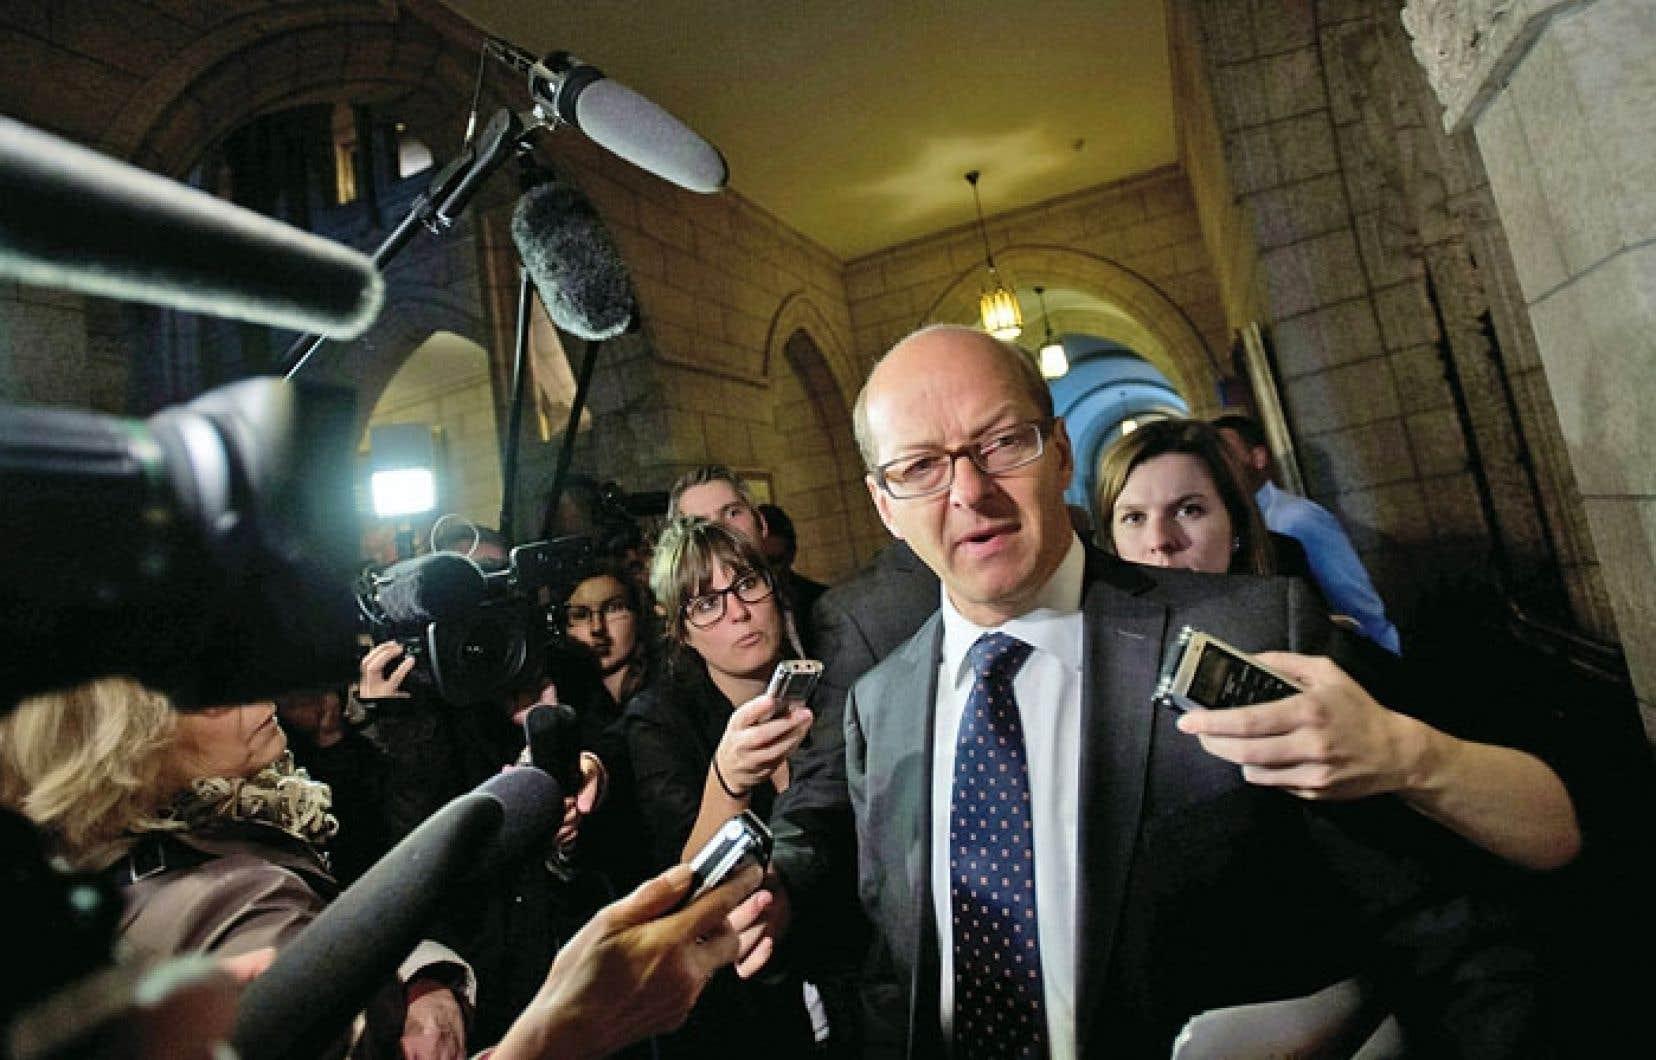 Le leader du gouvernement au Sénat, Claude Carignan, a affirmé qu'il ne forcerait pas ses troupes à appuyer la nouvelle motion.